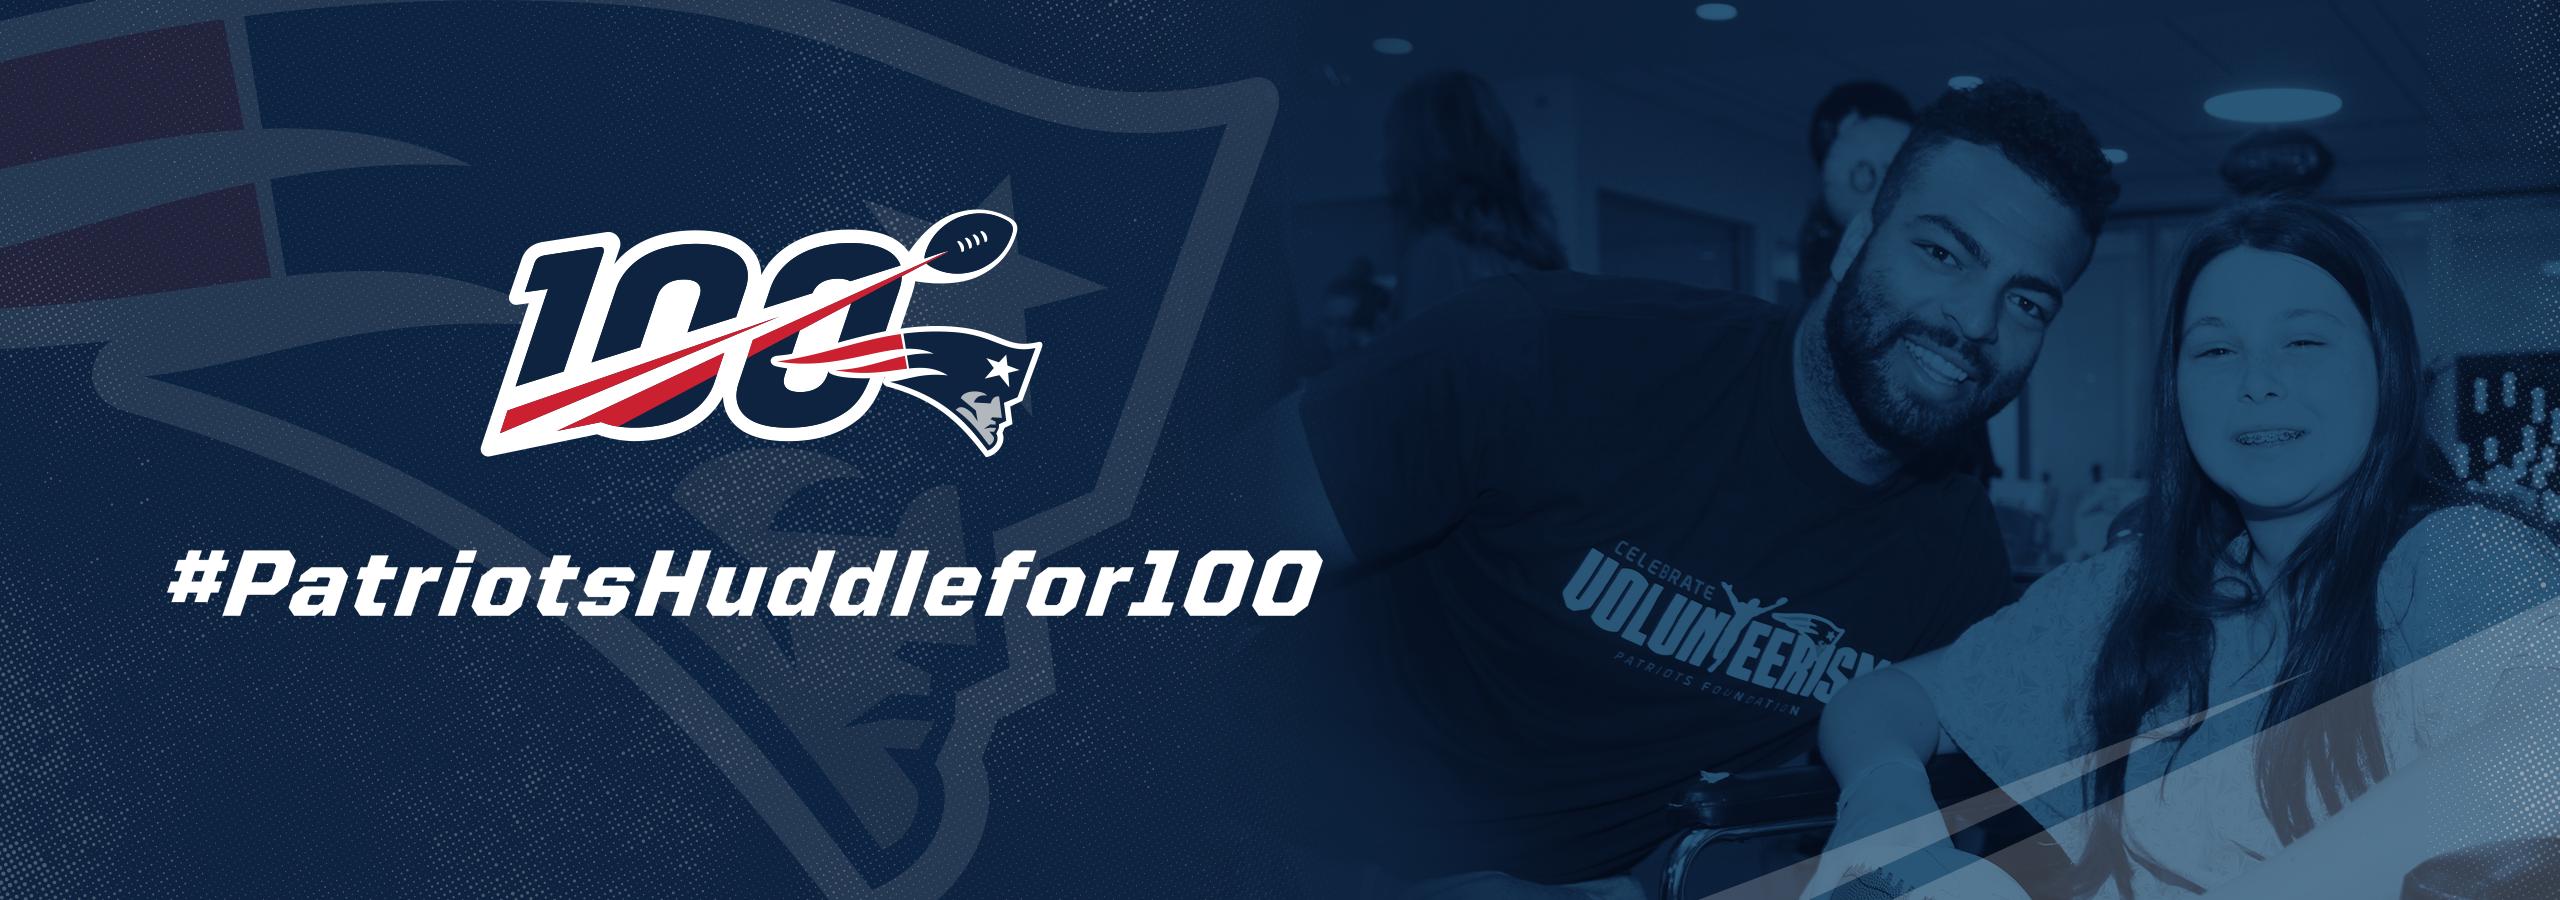 huddefor100-Patriots_Header